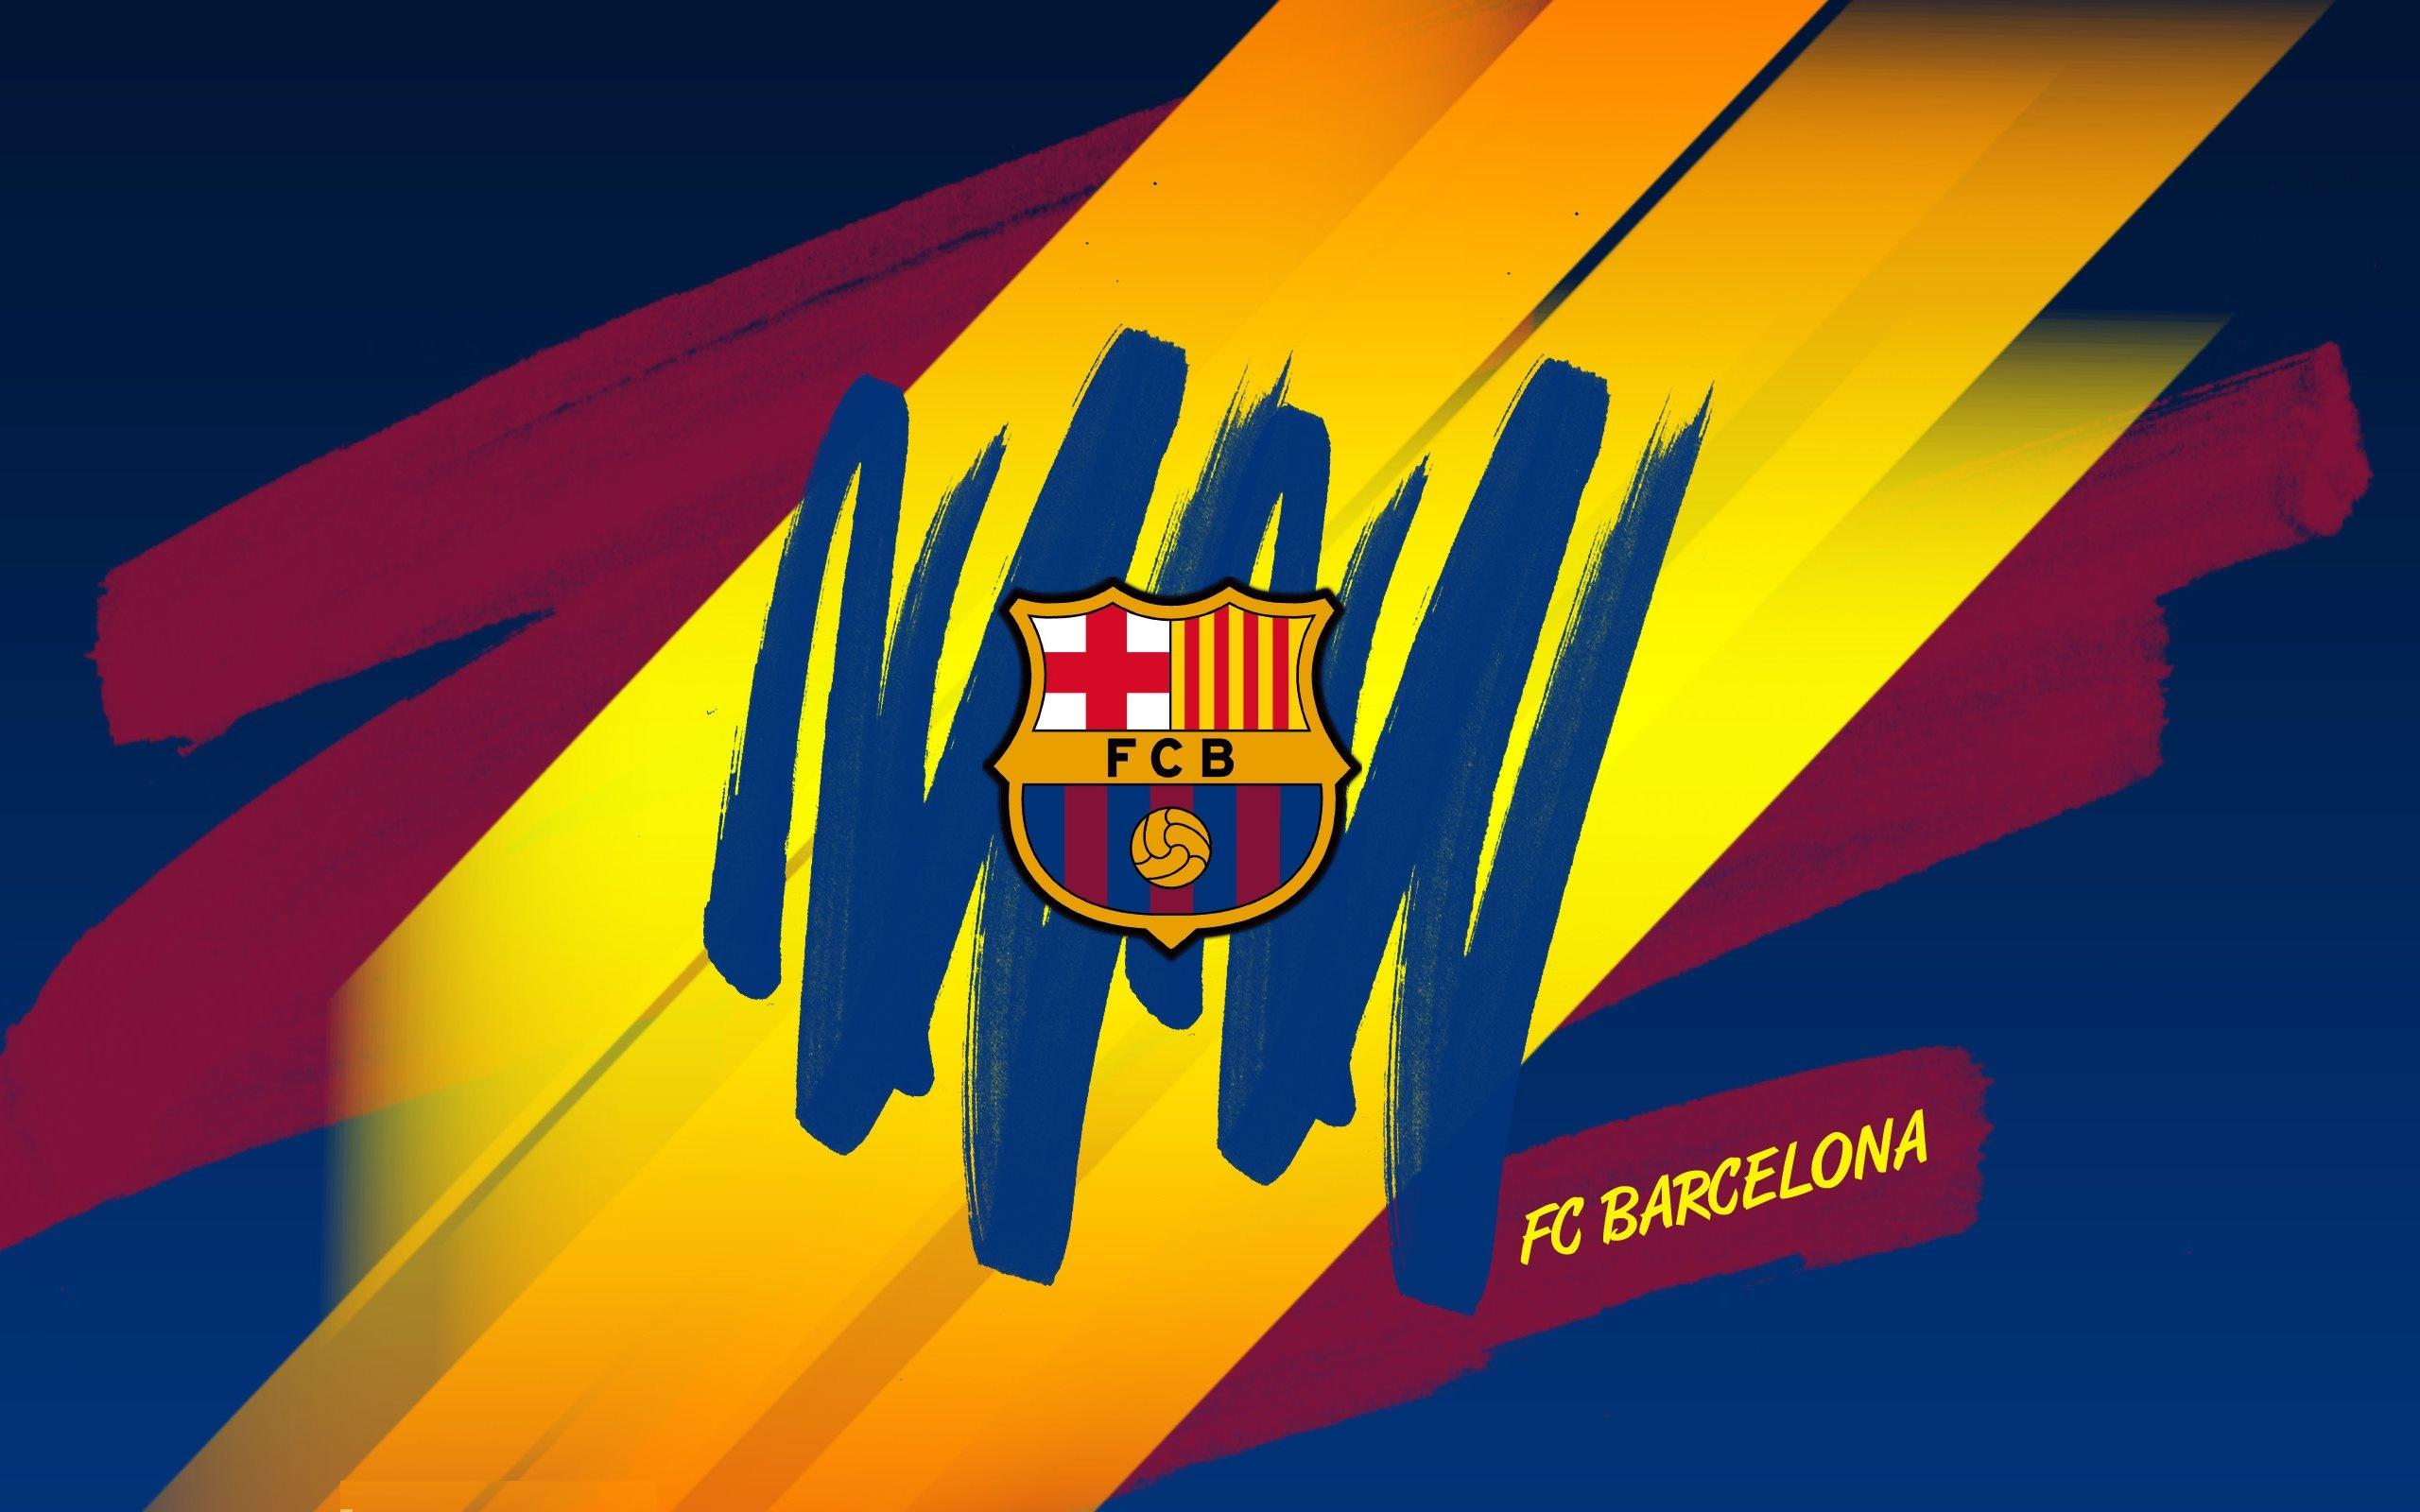 Download 700 Wallpaper Bergerak Barcelona Untuk Android  Terbaru